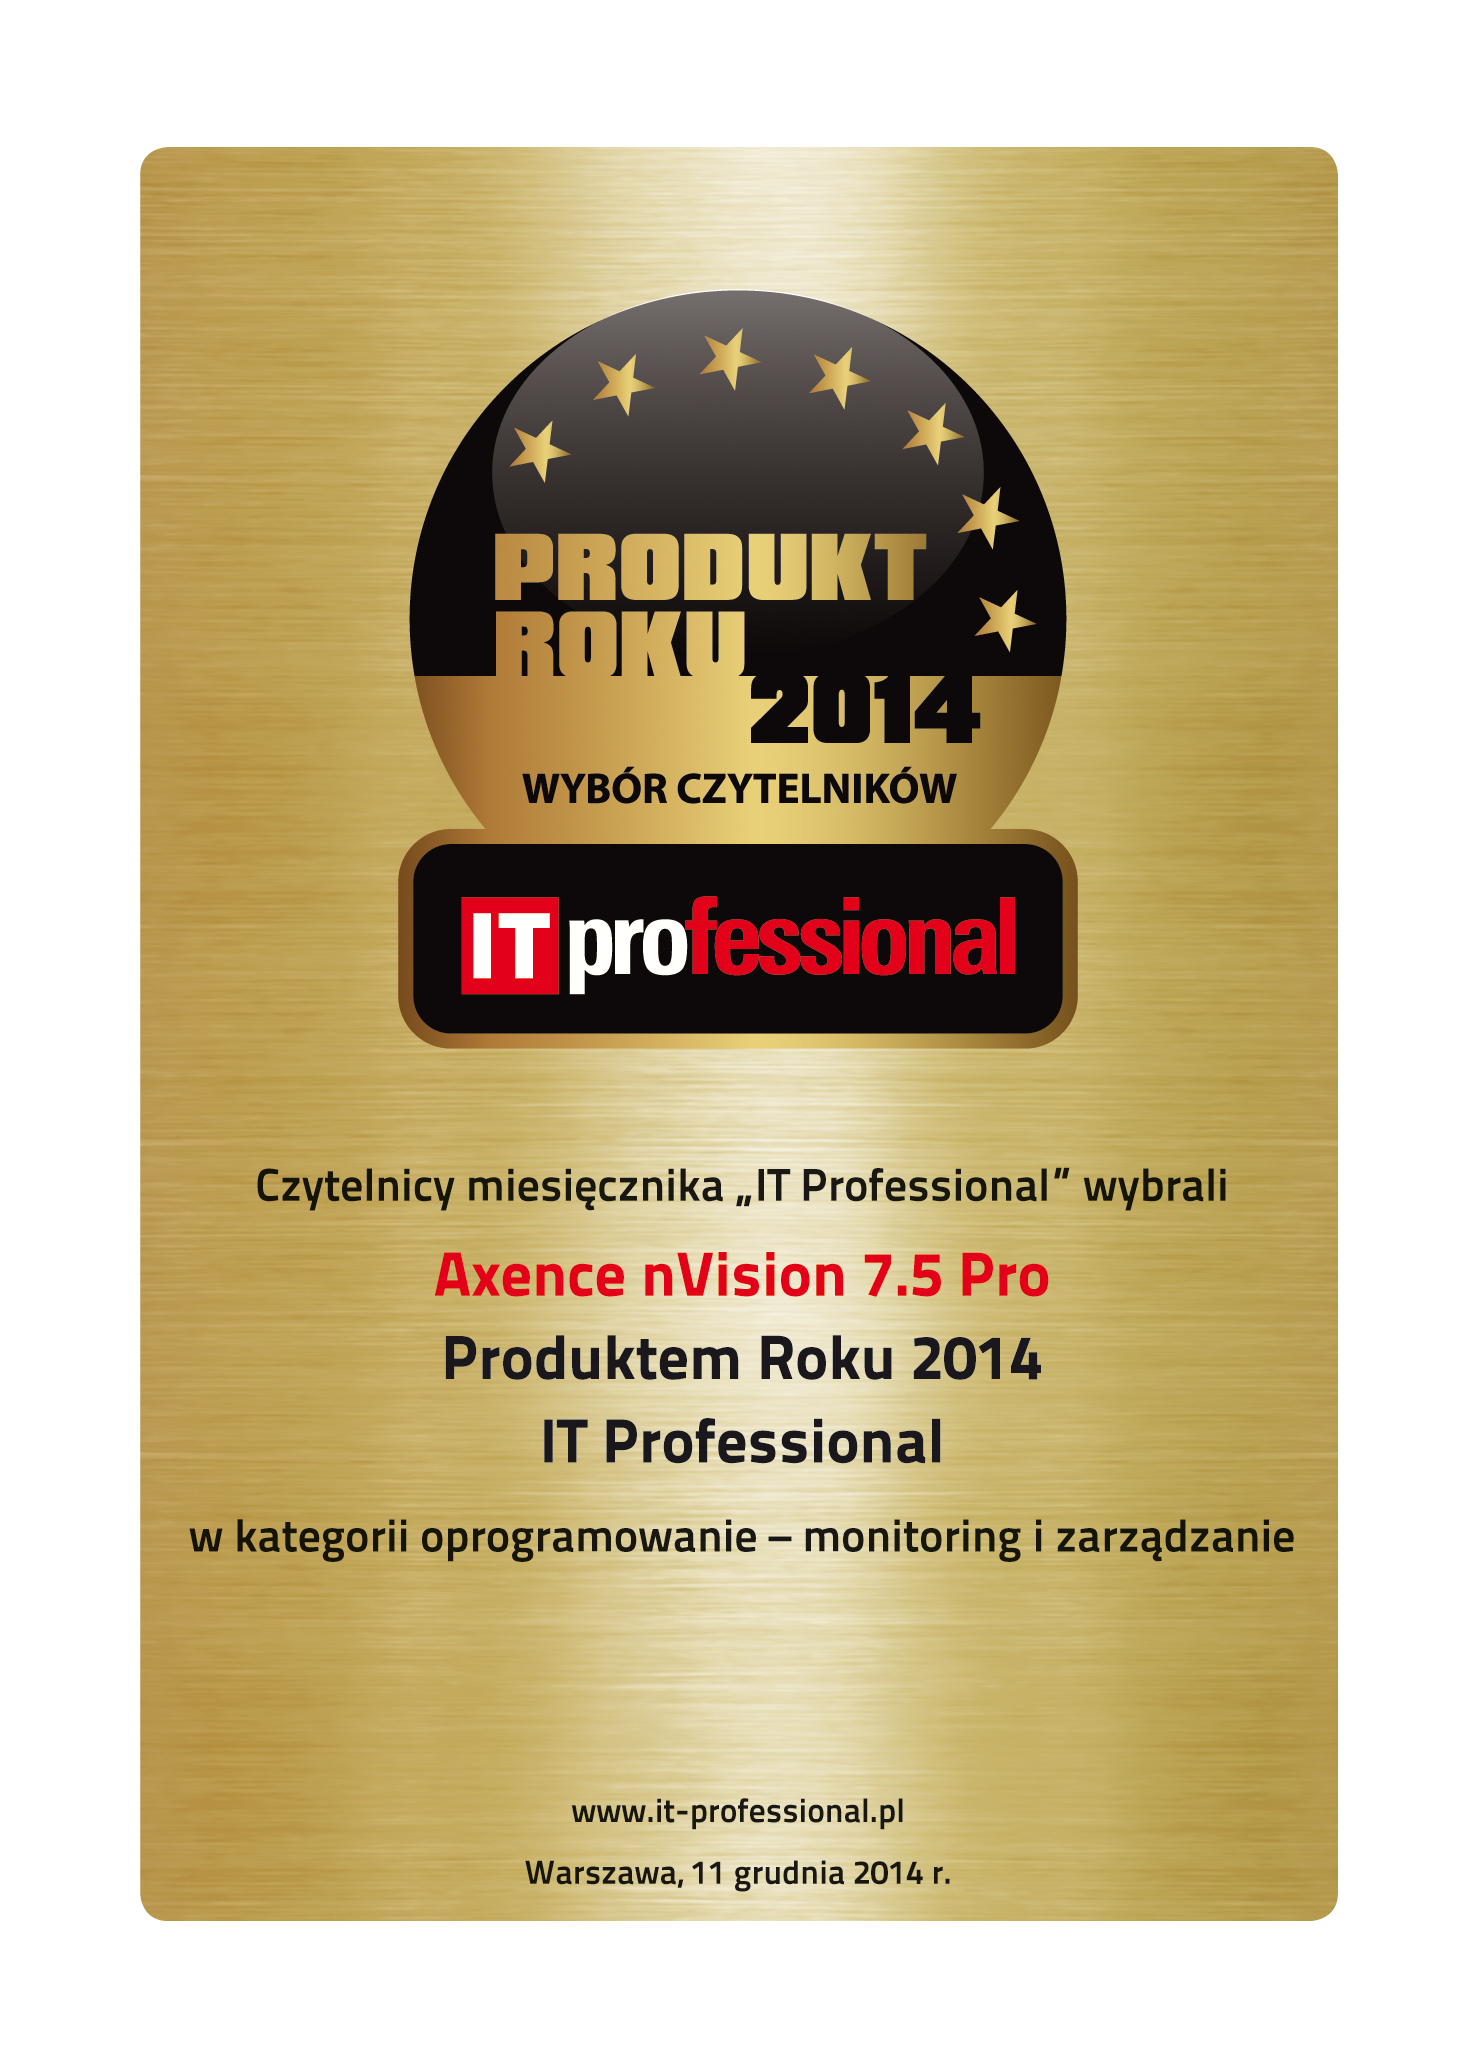 Produkt Roku 2014 - wybór Czytelników IT professional dla Axence nVision Pro